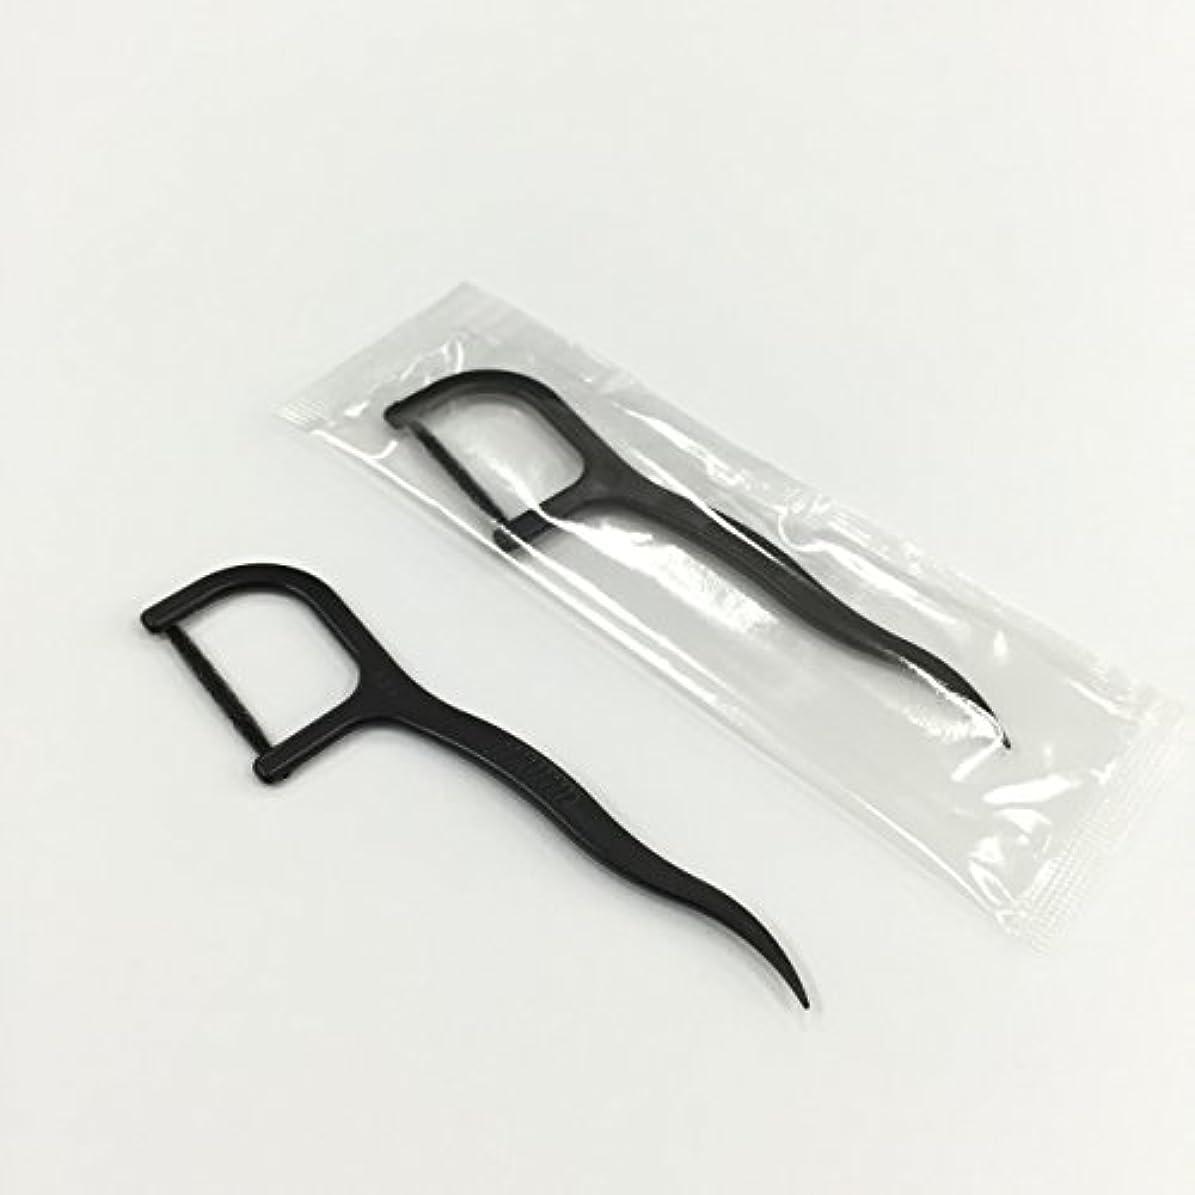 カスタムプレビスサイトサンプル糸付きようじ 黒  1本包装 100本x3パック